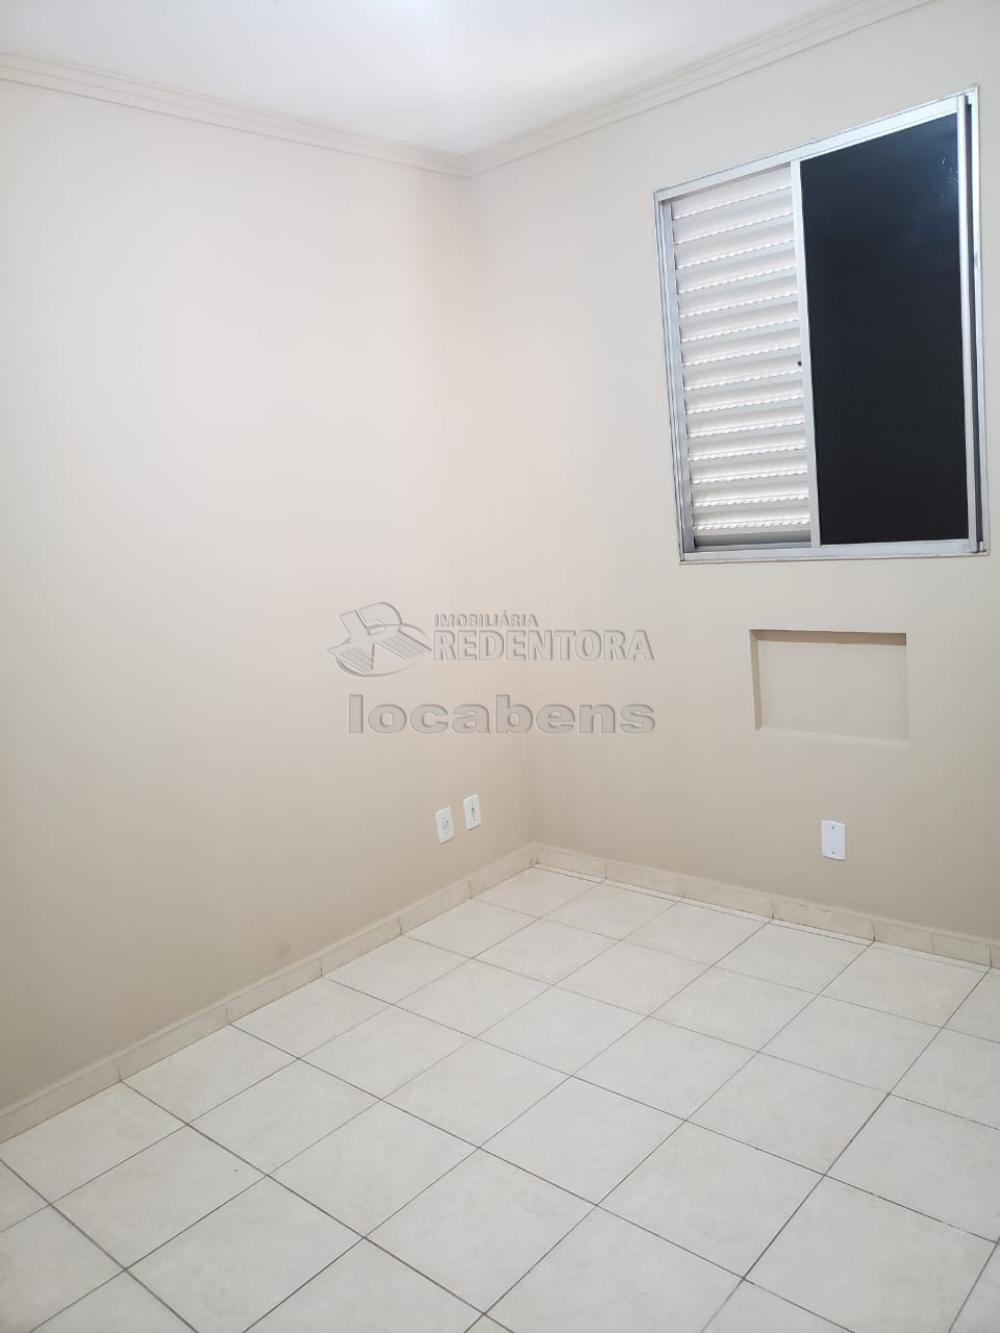 Comprar Apartamento / Padrão em São José do Rio Preto apenas R$ 125.000,00 - Foto 1